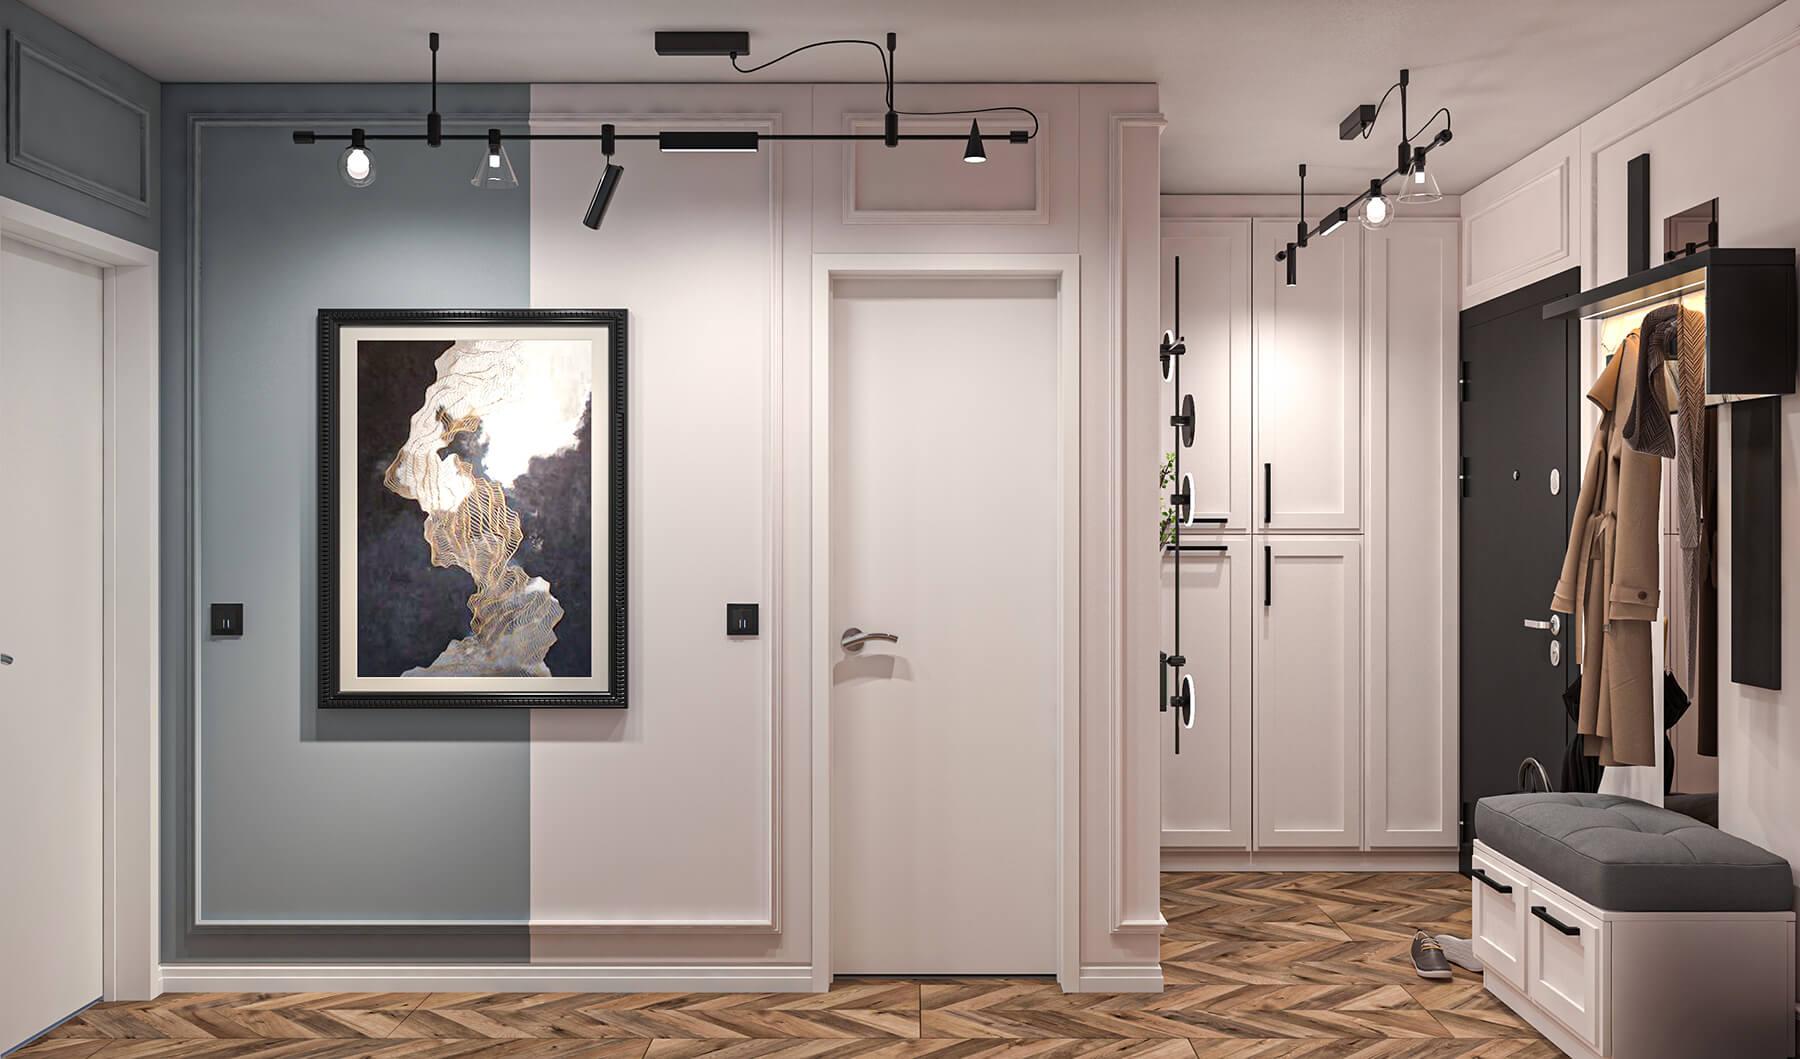 interioren-dizain-proekt-na-koridor-s-antre-po-poruchka-1-esteta